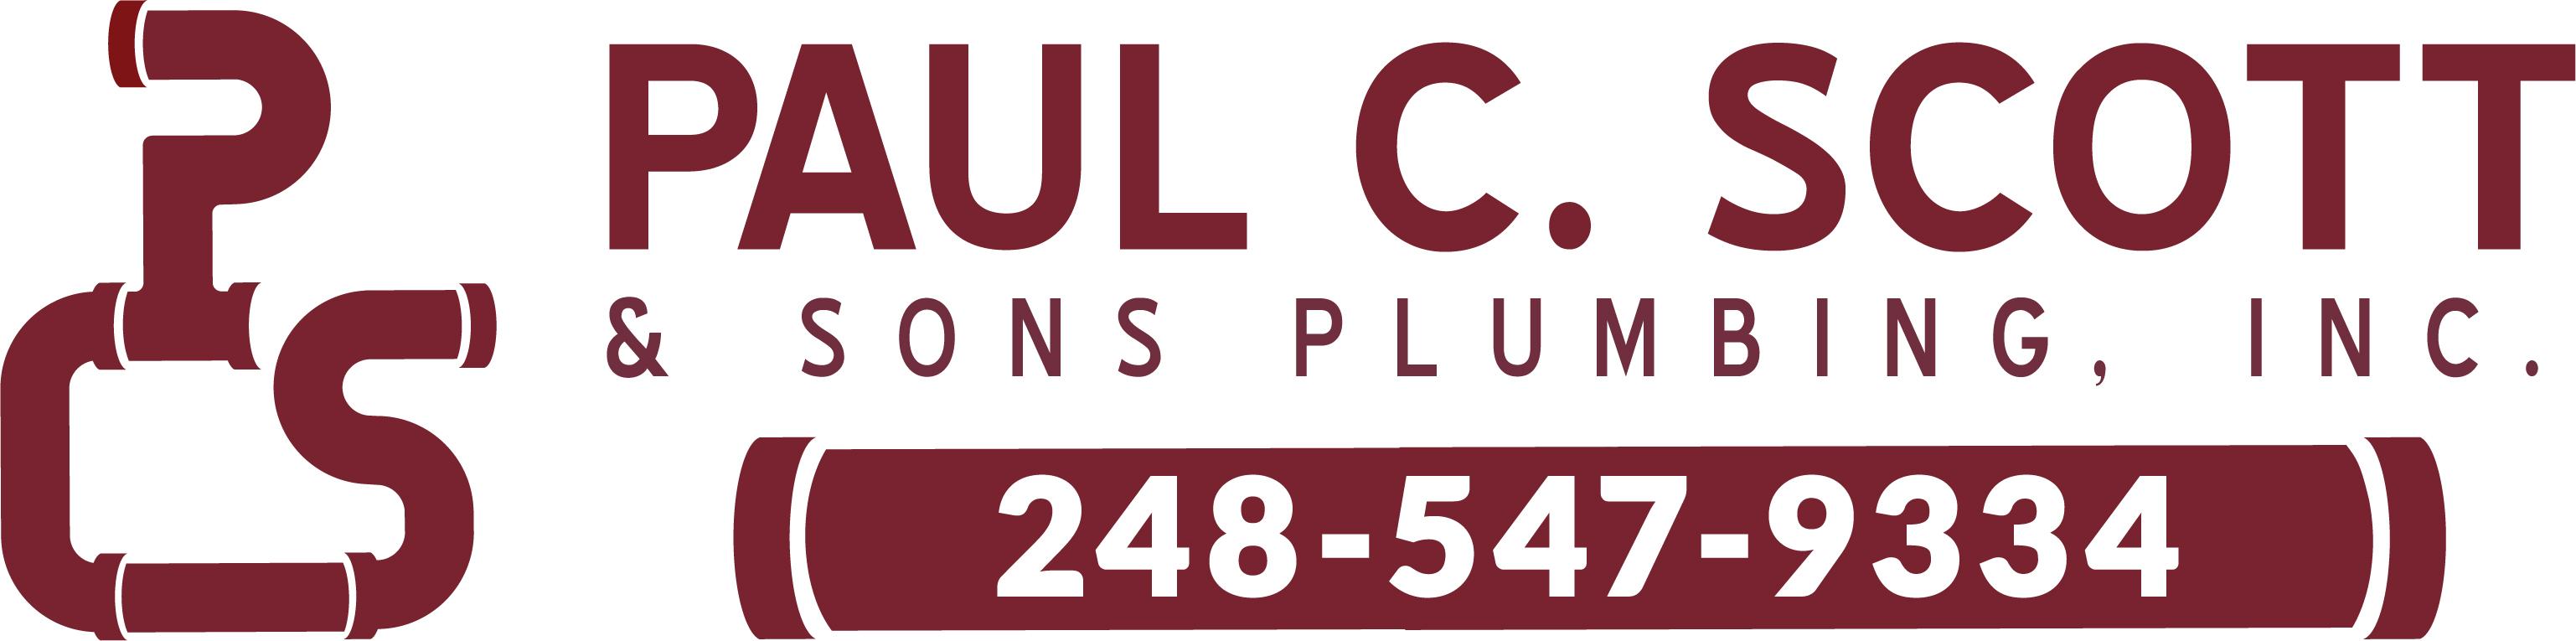 Paul C. Scott & Sons Plumbing, Inc. in Troy